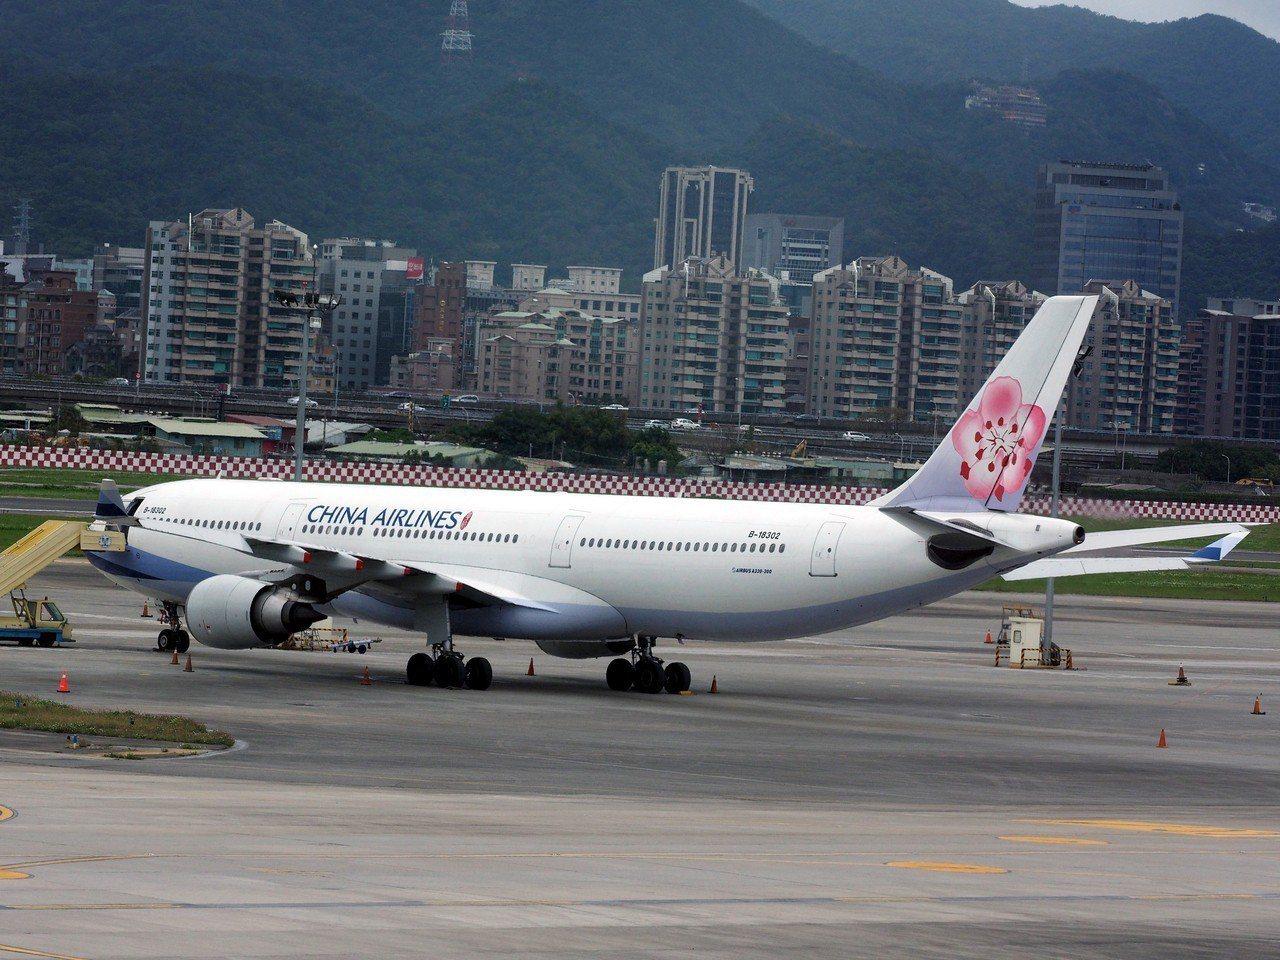 華航機師罷工13日進入第六日,今日紅眼談判後,終於有突破性的進展。歐新社